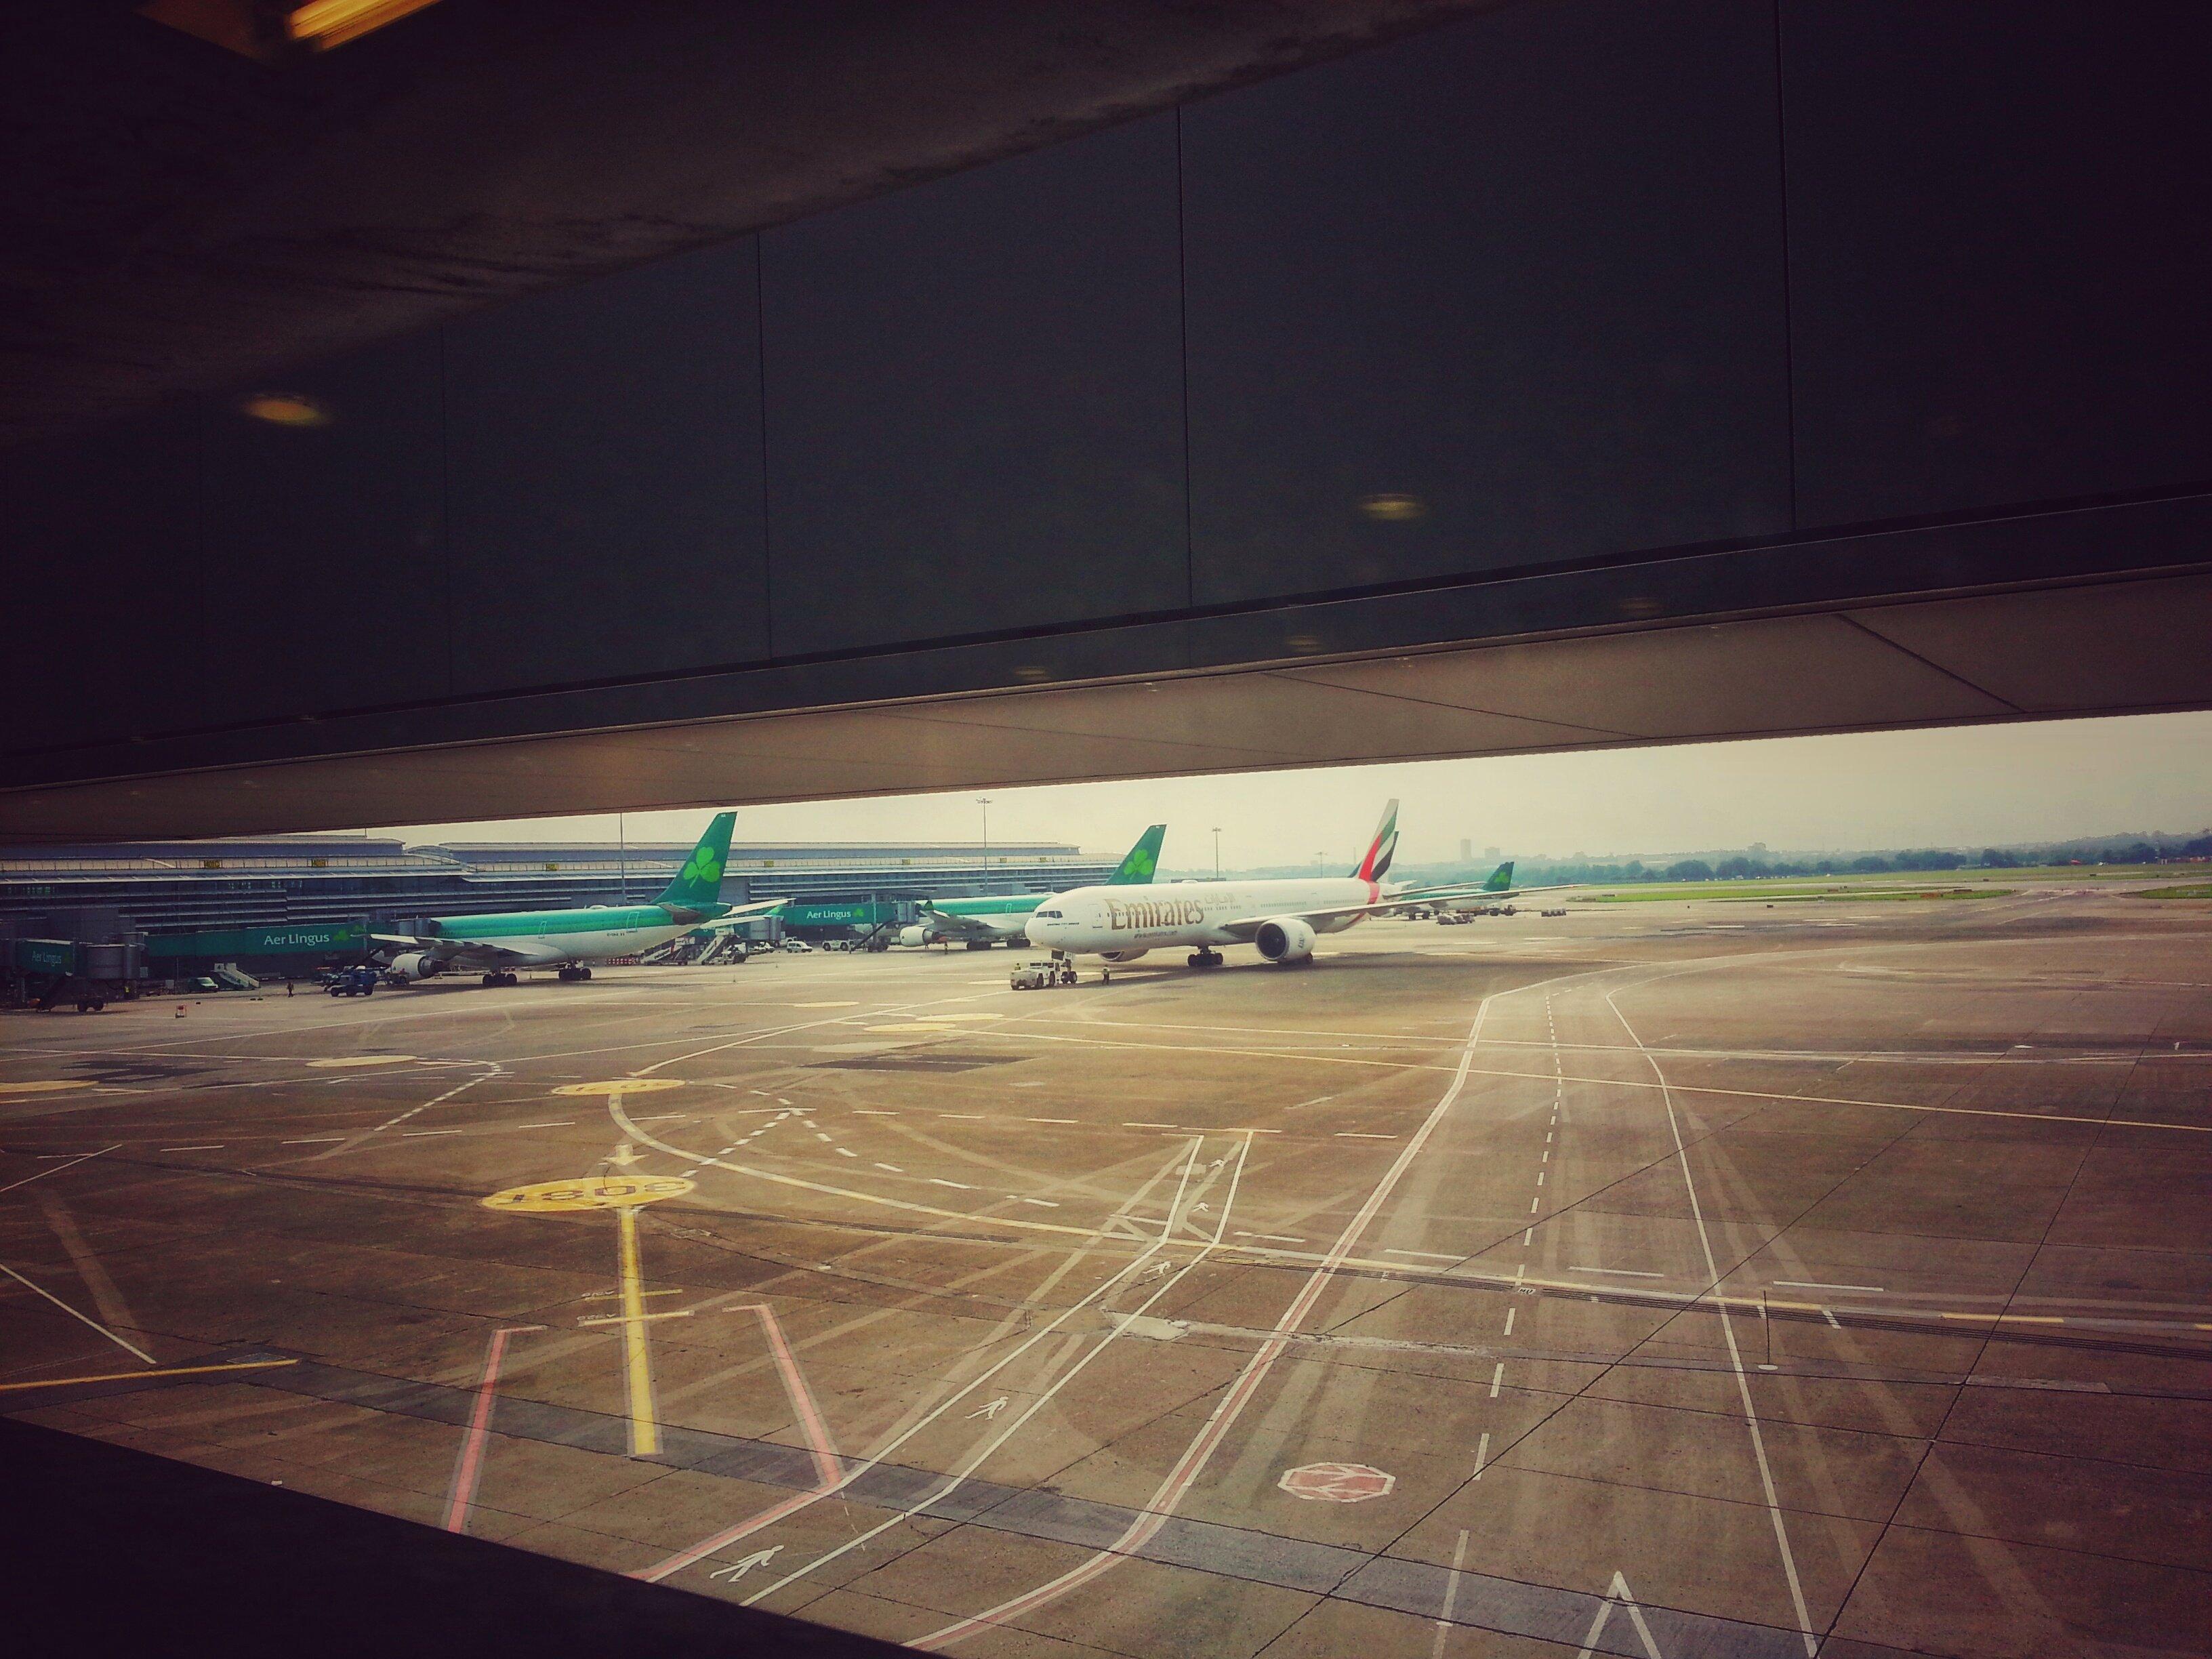 airport-dublino-terminal-1_20684677324_o.jpg